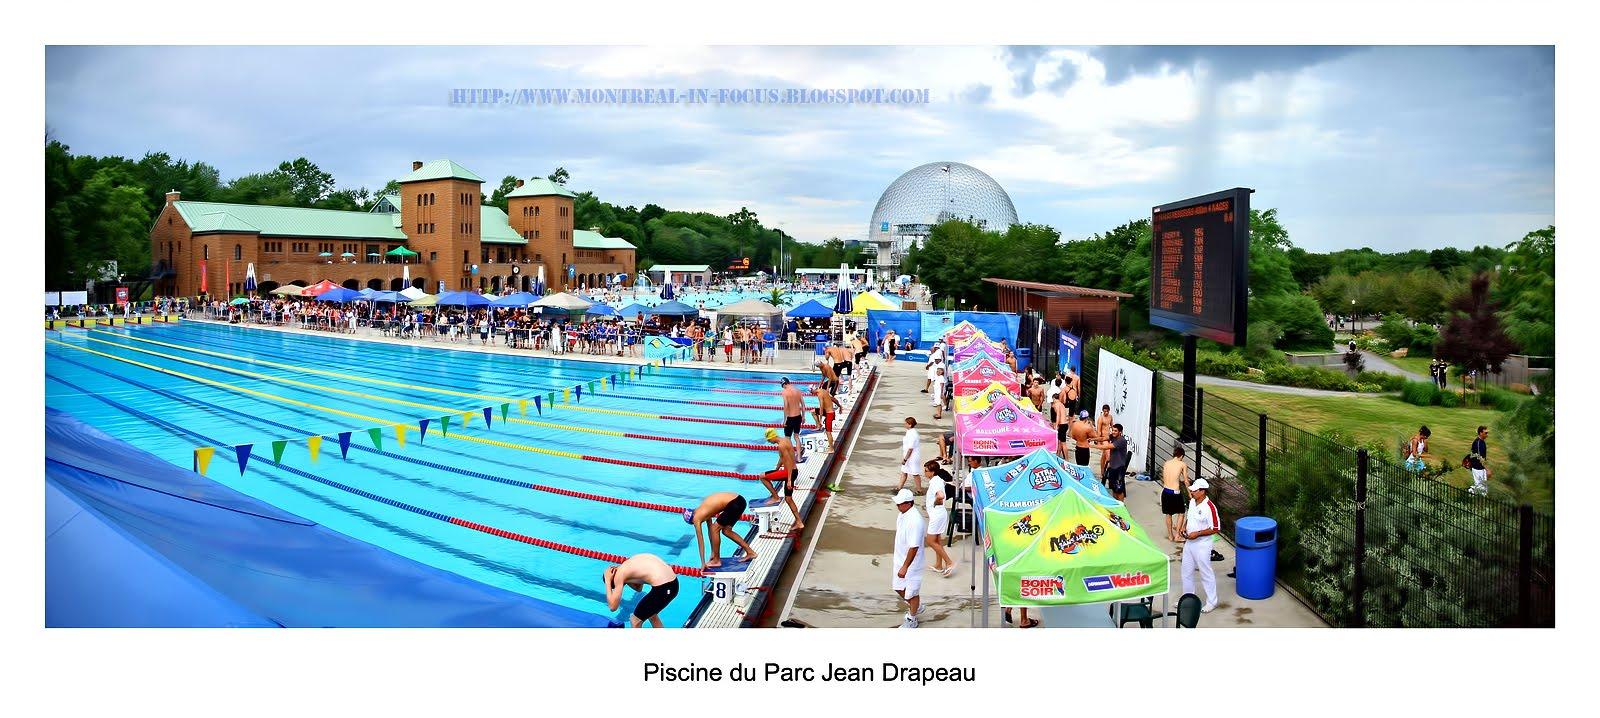 parc aquatique jean drapeau